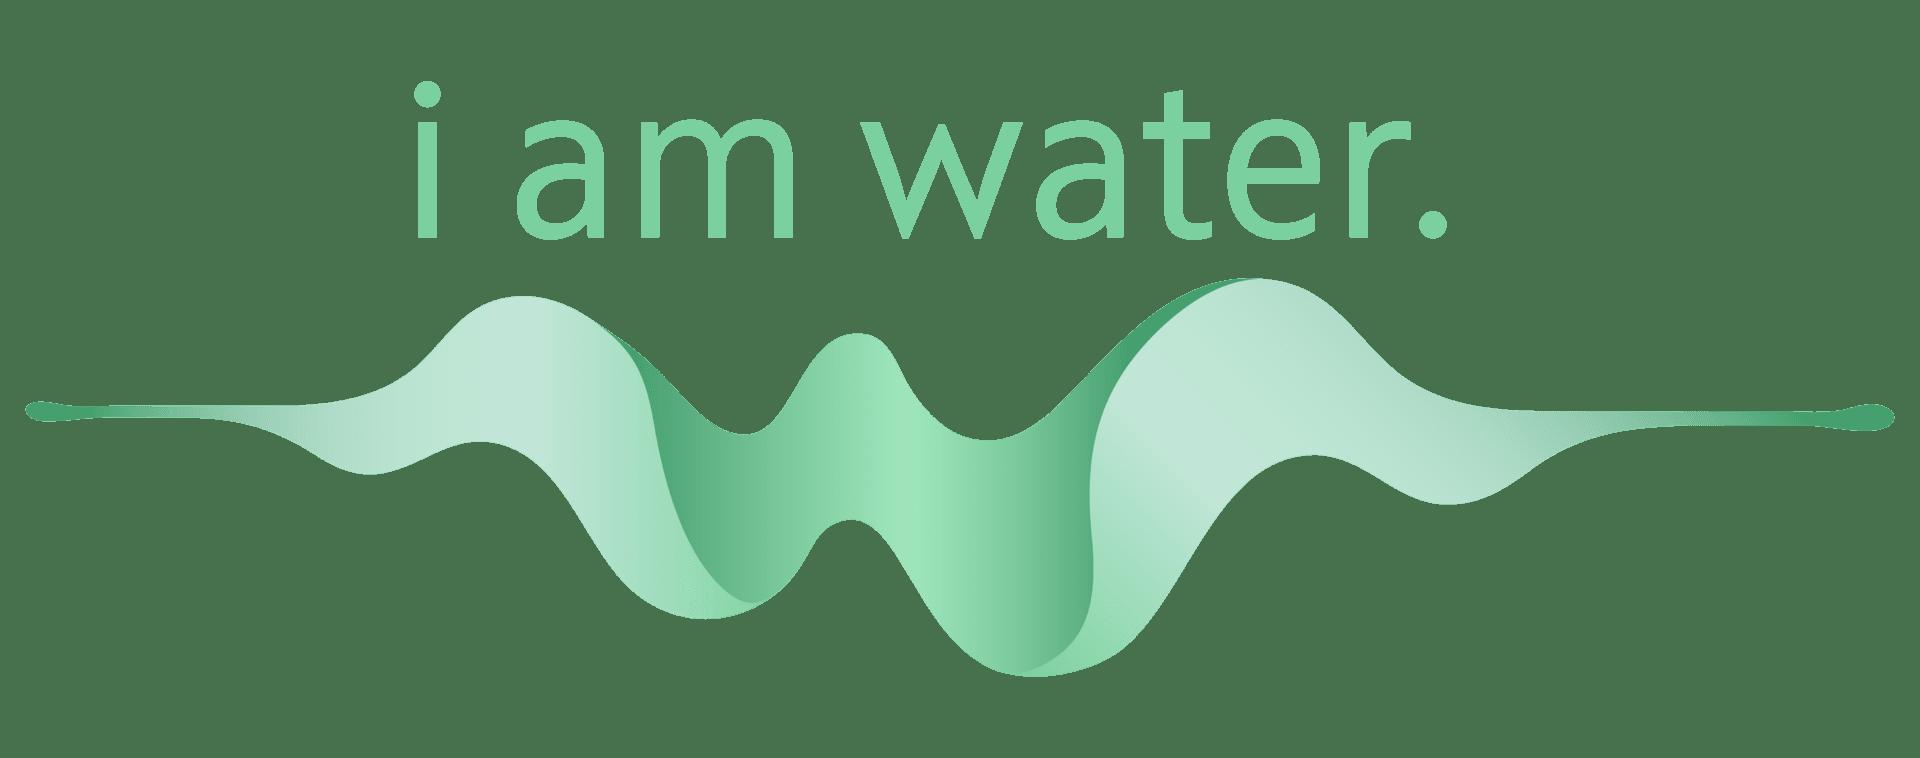 iamwater